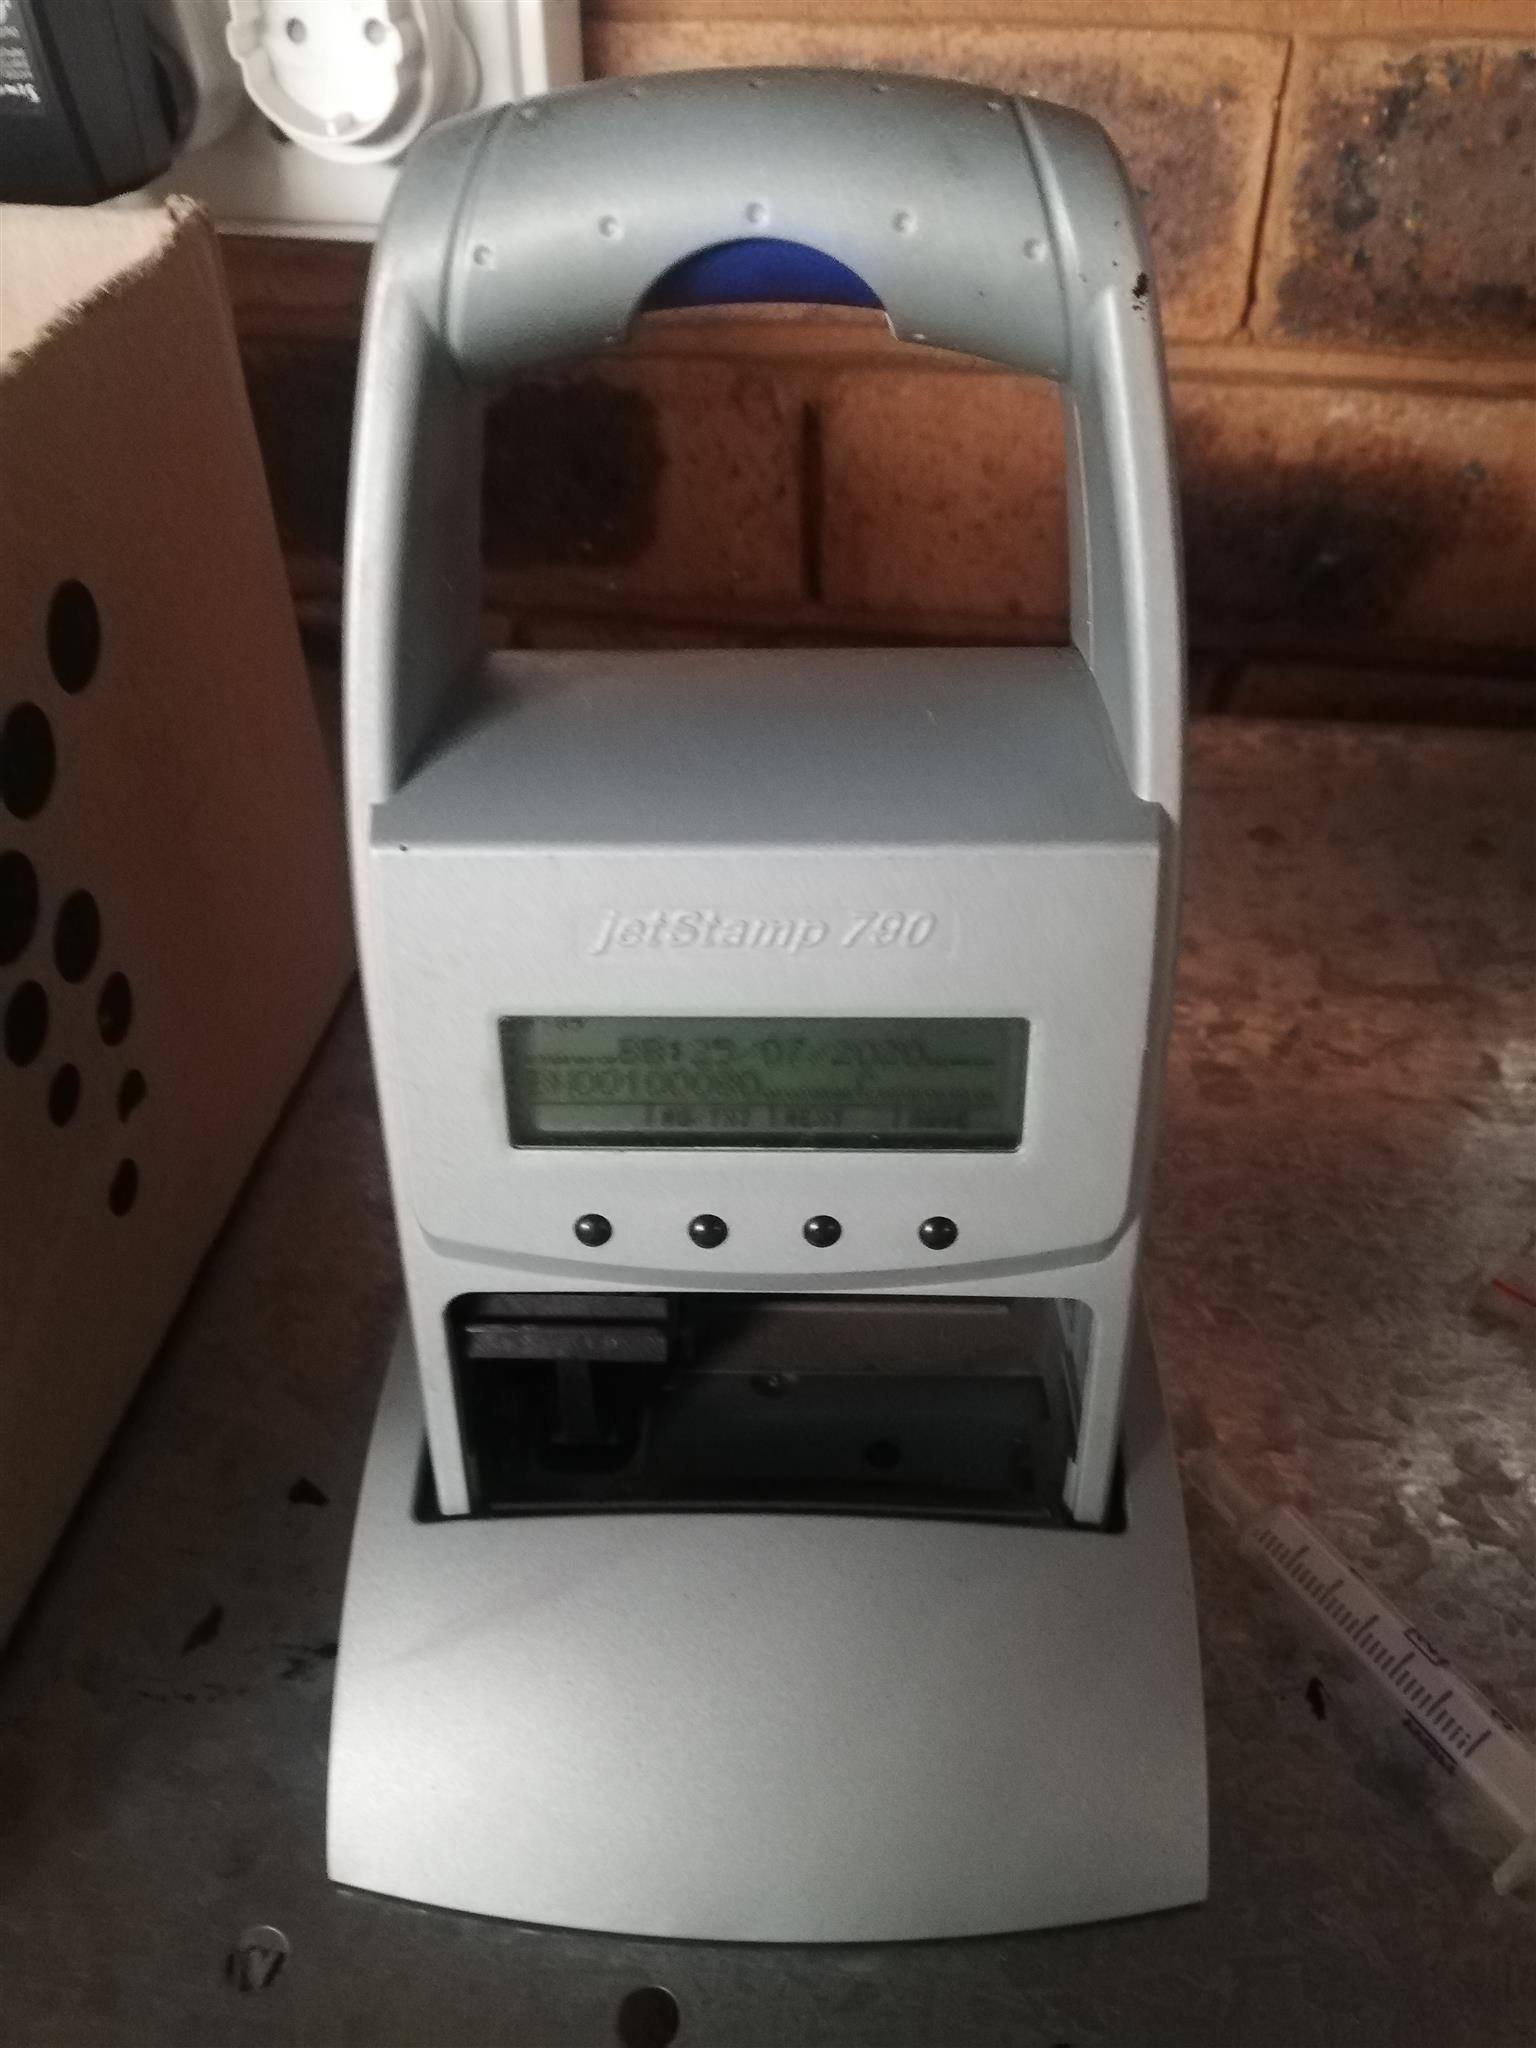 Hand held printer